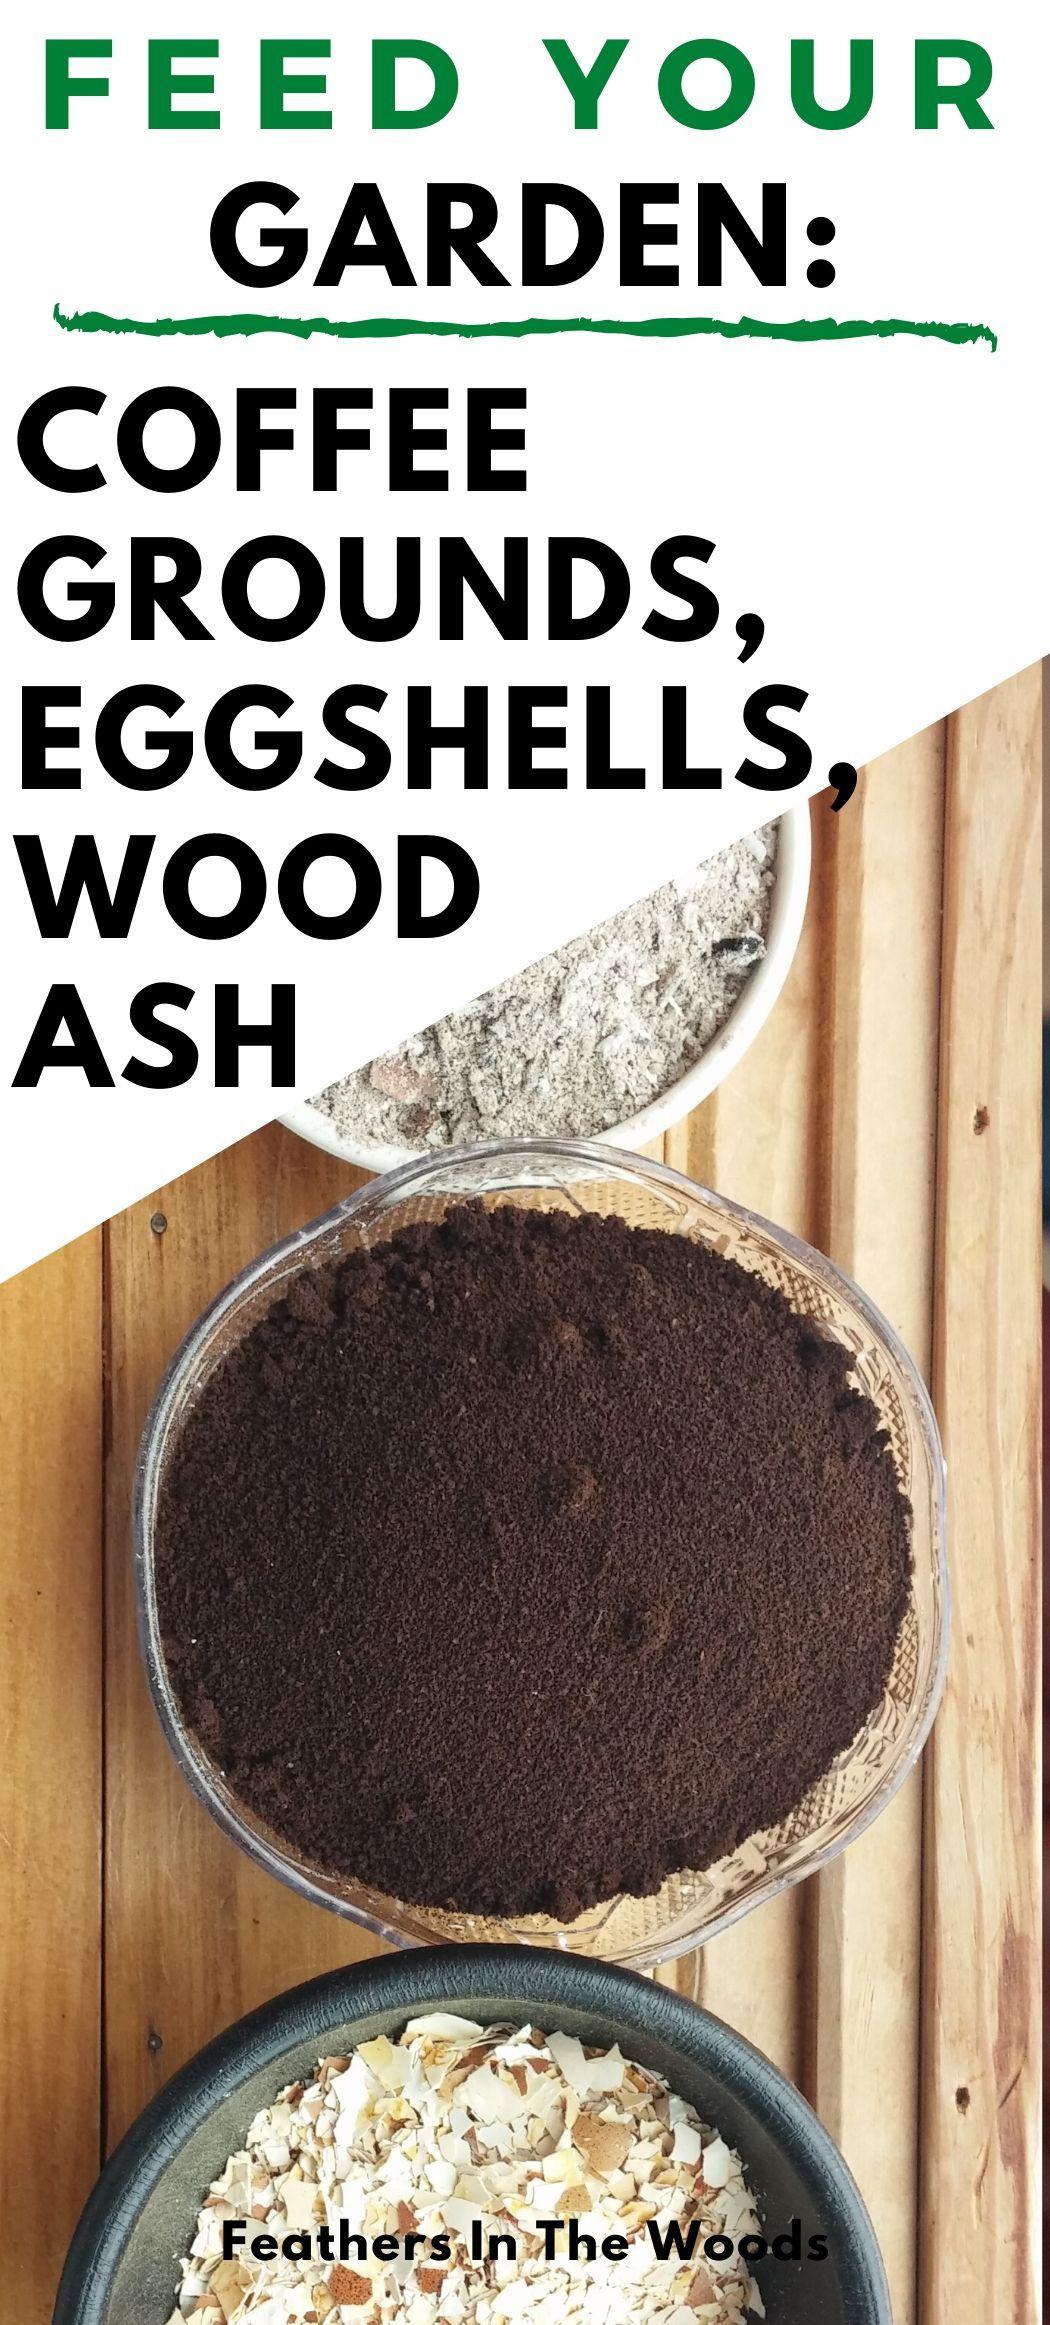 Feed Your Garden Coffee Grounds Eggshells Wood Ash Coffee Grounds Egg Shells Survival Gardening